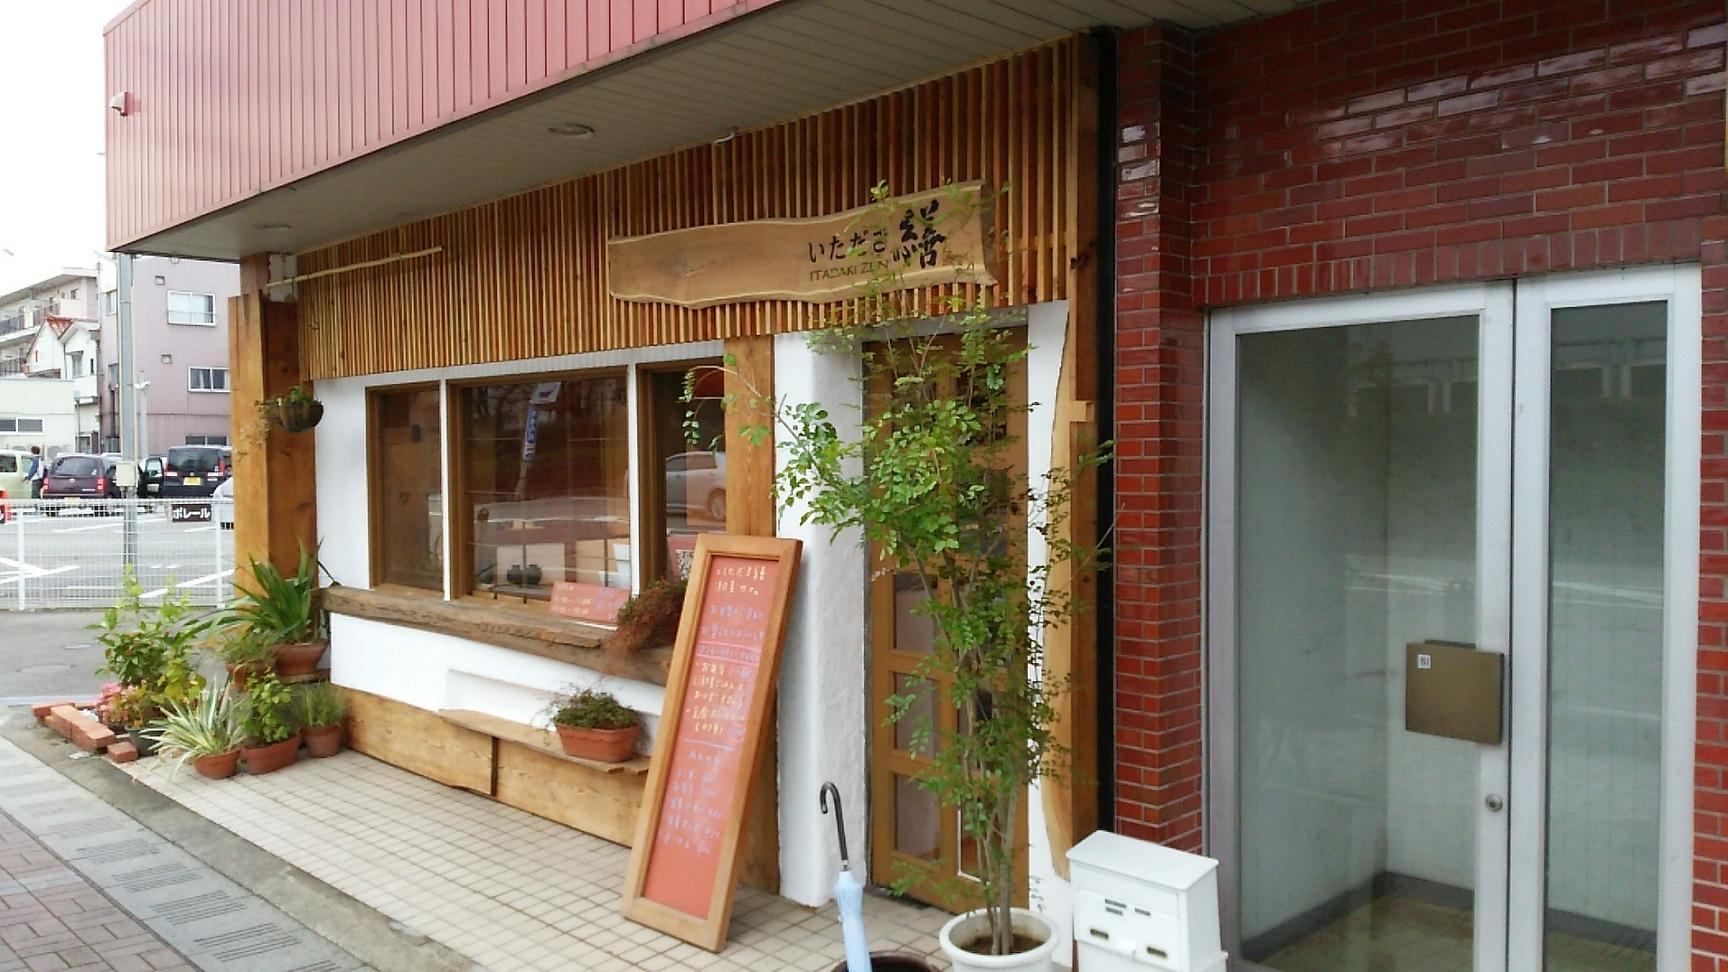 いただき膳 潮麦カフェ 富山大学駅前店